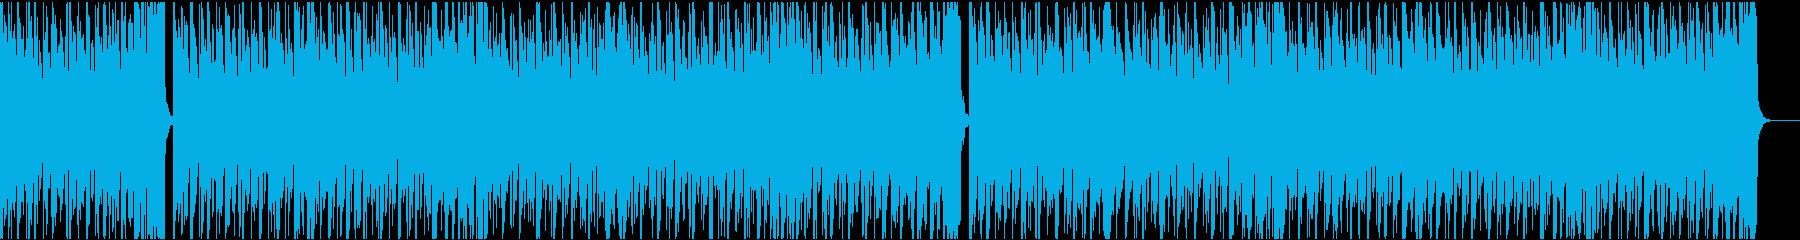 13秒でサビ、電子音ダーク/カラオケの再生済みの波形